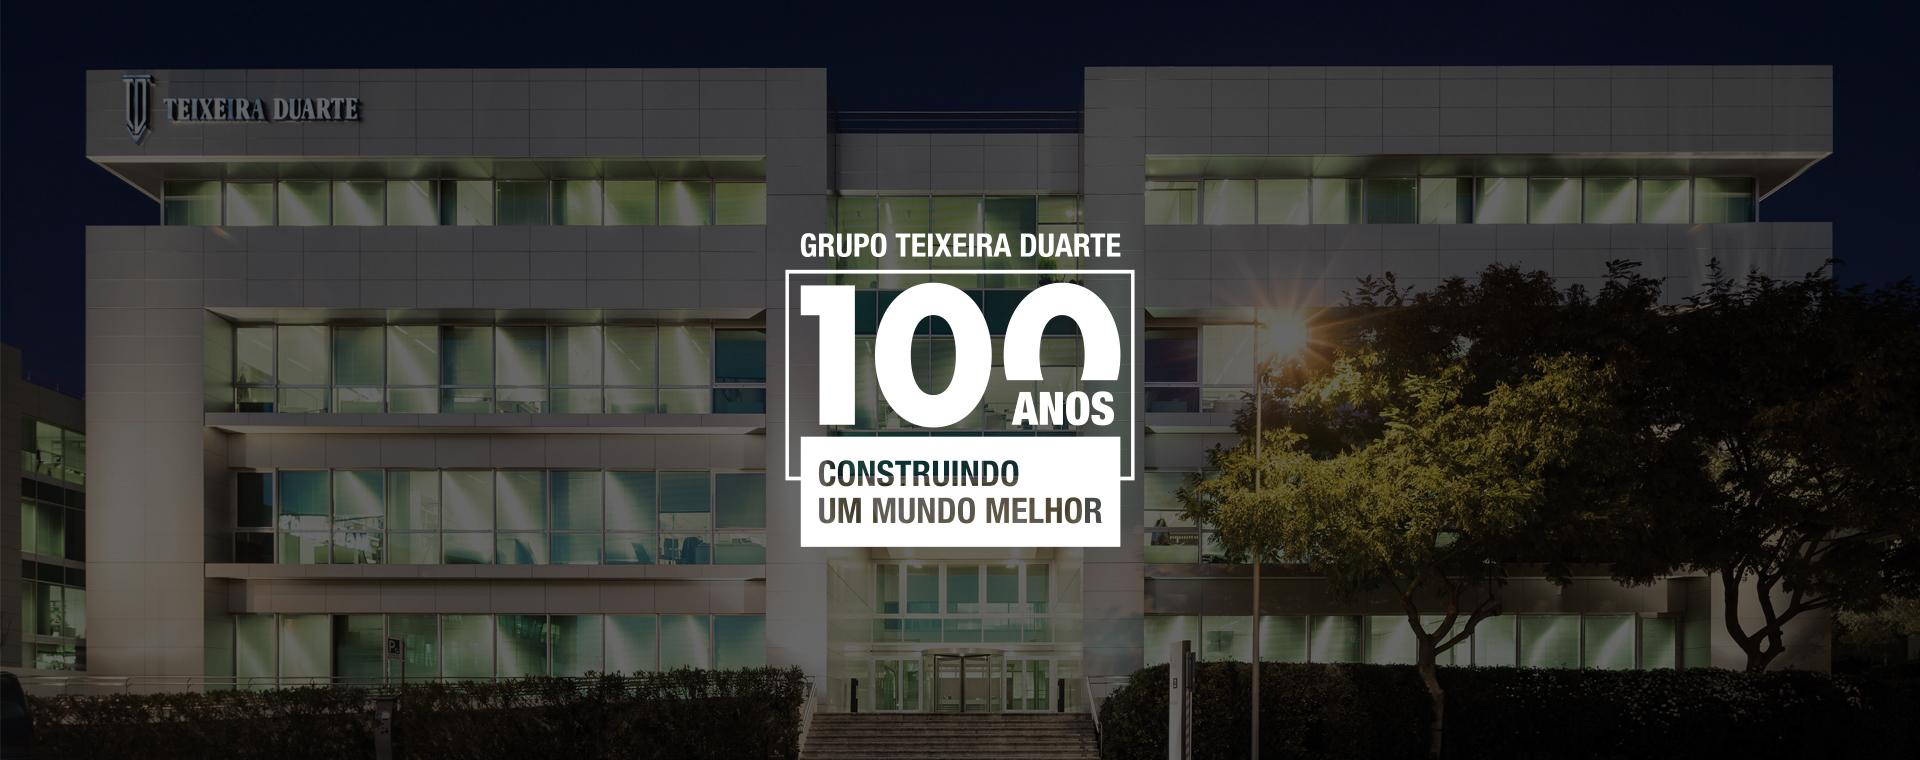 1921 – 2021: 100 anos de Teixeira Duarte